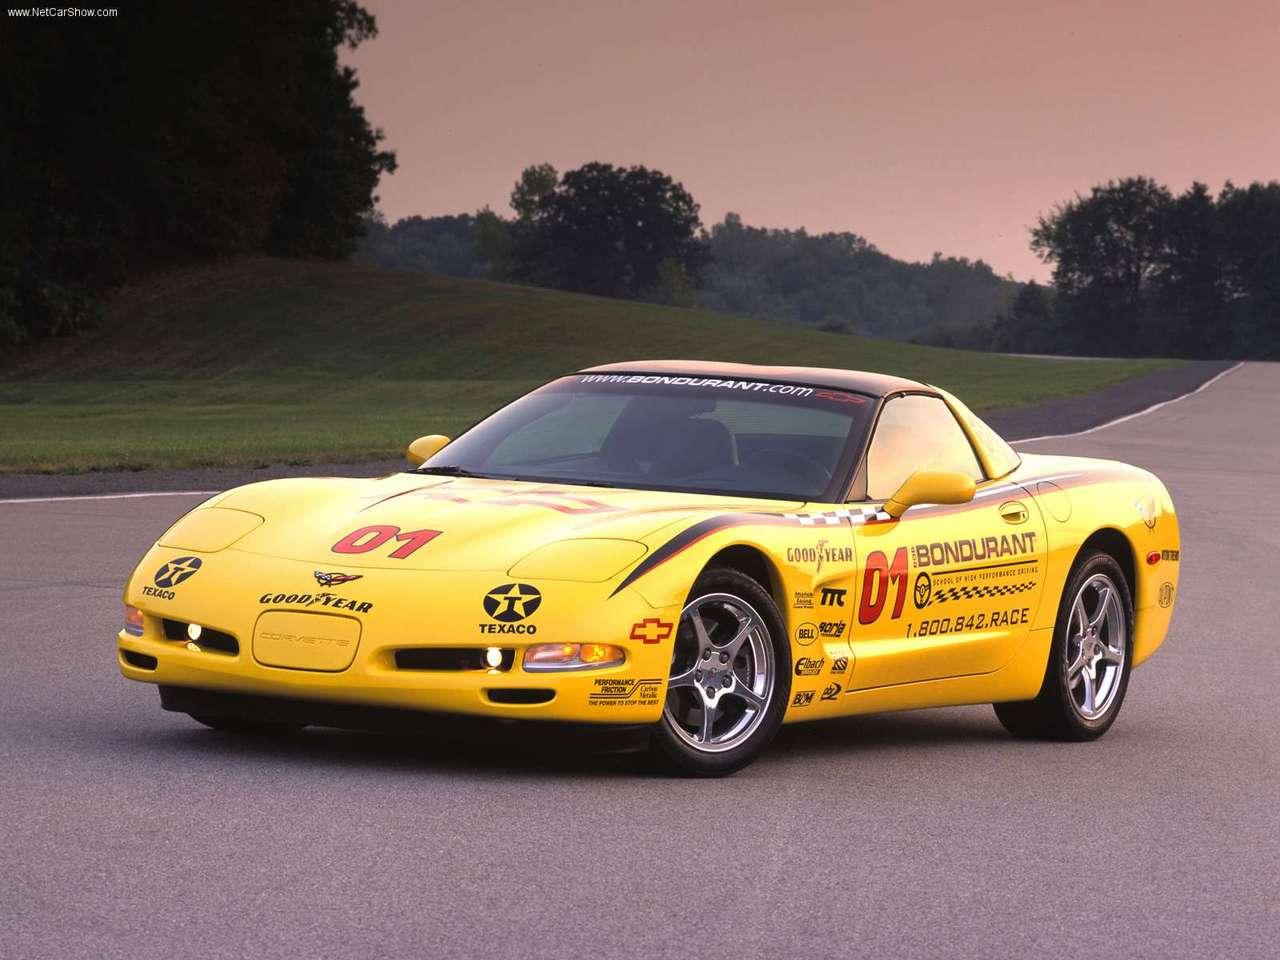 http://1.bp.blogspot.com/-uaPxJUe8uqw/TYZw4ZjfOZI/AAAAAAAAN5U/CQjhHtPZ_yk/s1600/Chevrolet-Corvette_Bondurant_2003_1280x960_wallpaper_01.jpg